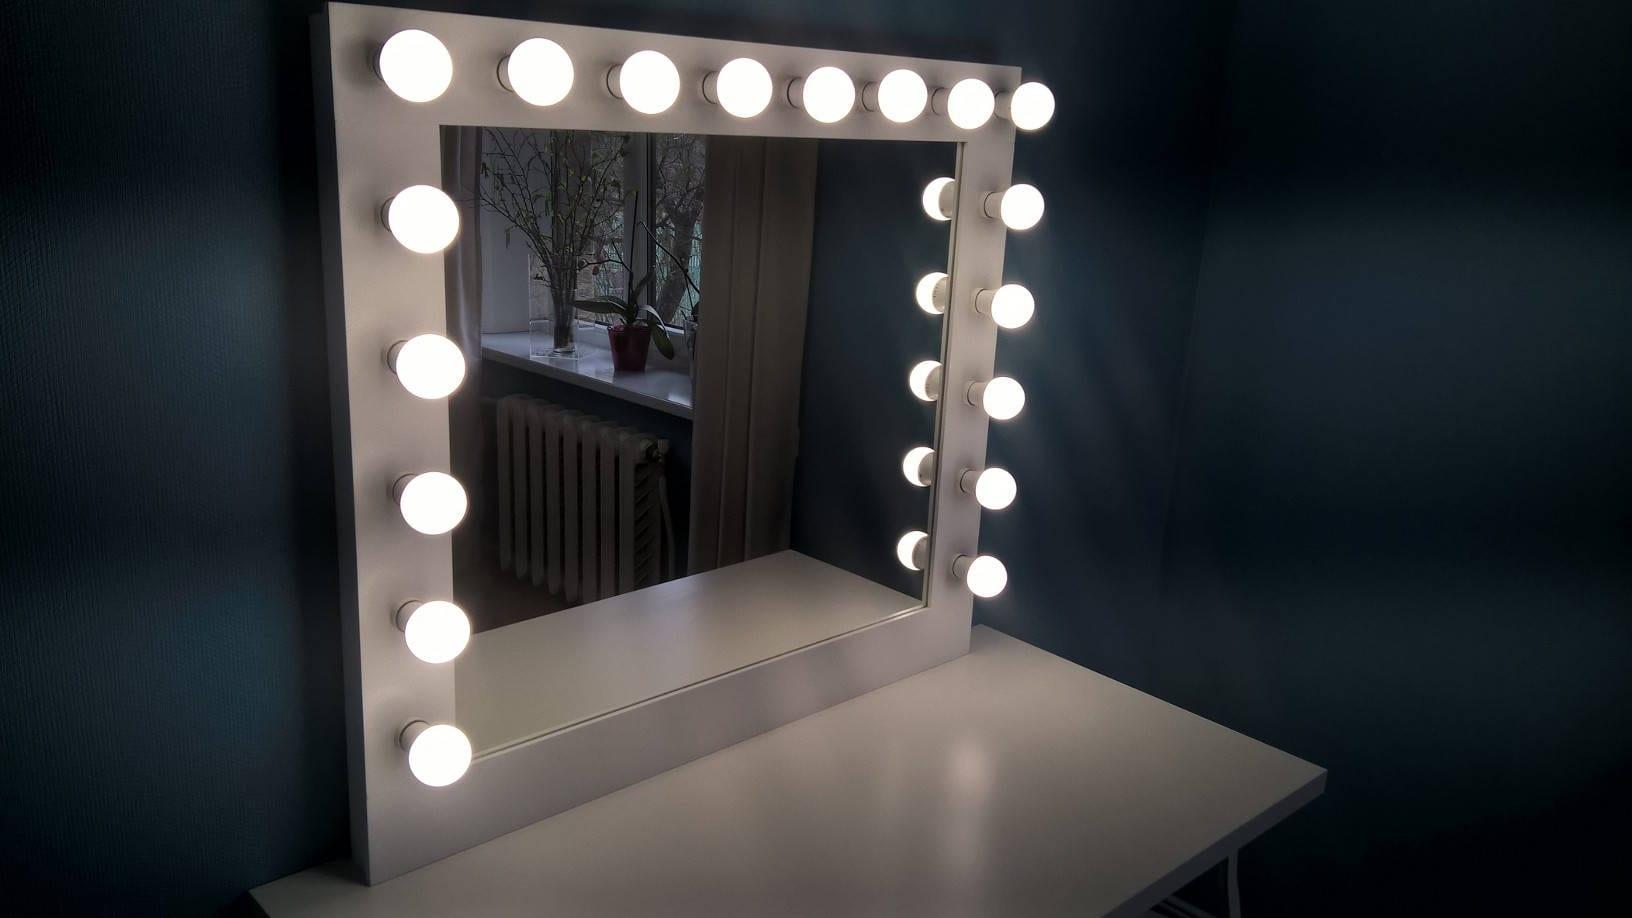 Make Up Spiegels : Große hollywood eitelkeit spiegel make up spiegel mit etsy